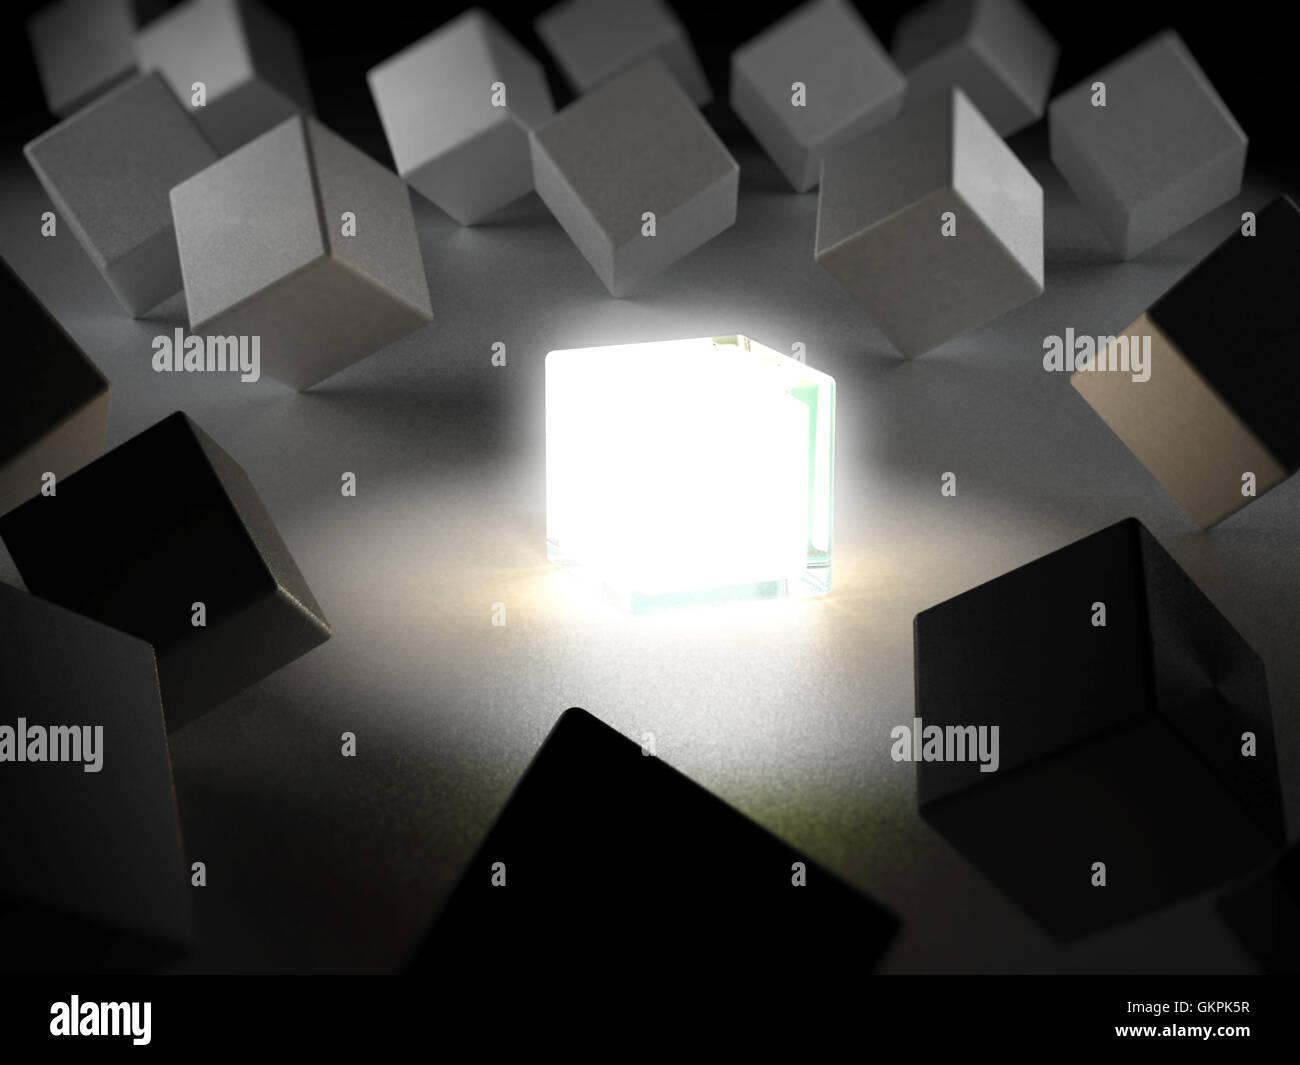 Fort émettant de la lumière, parmi les boîtes. 3D illustration. Photo Stock